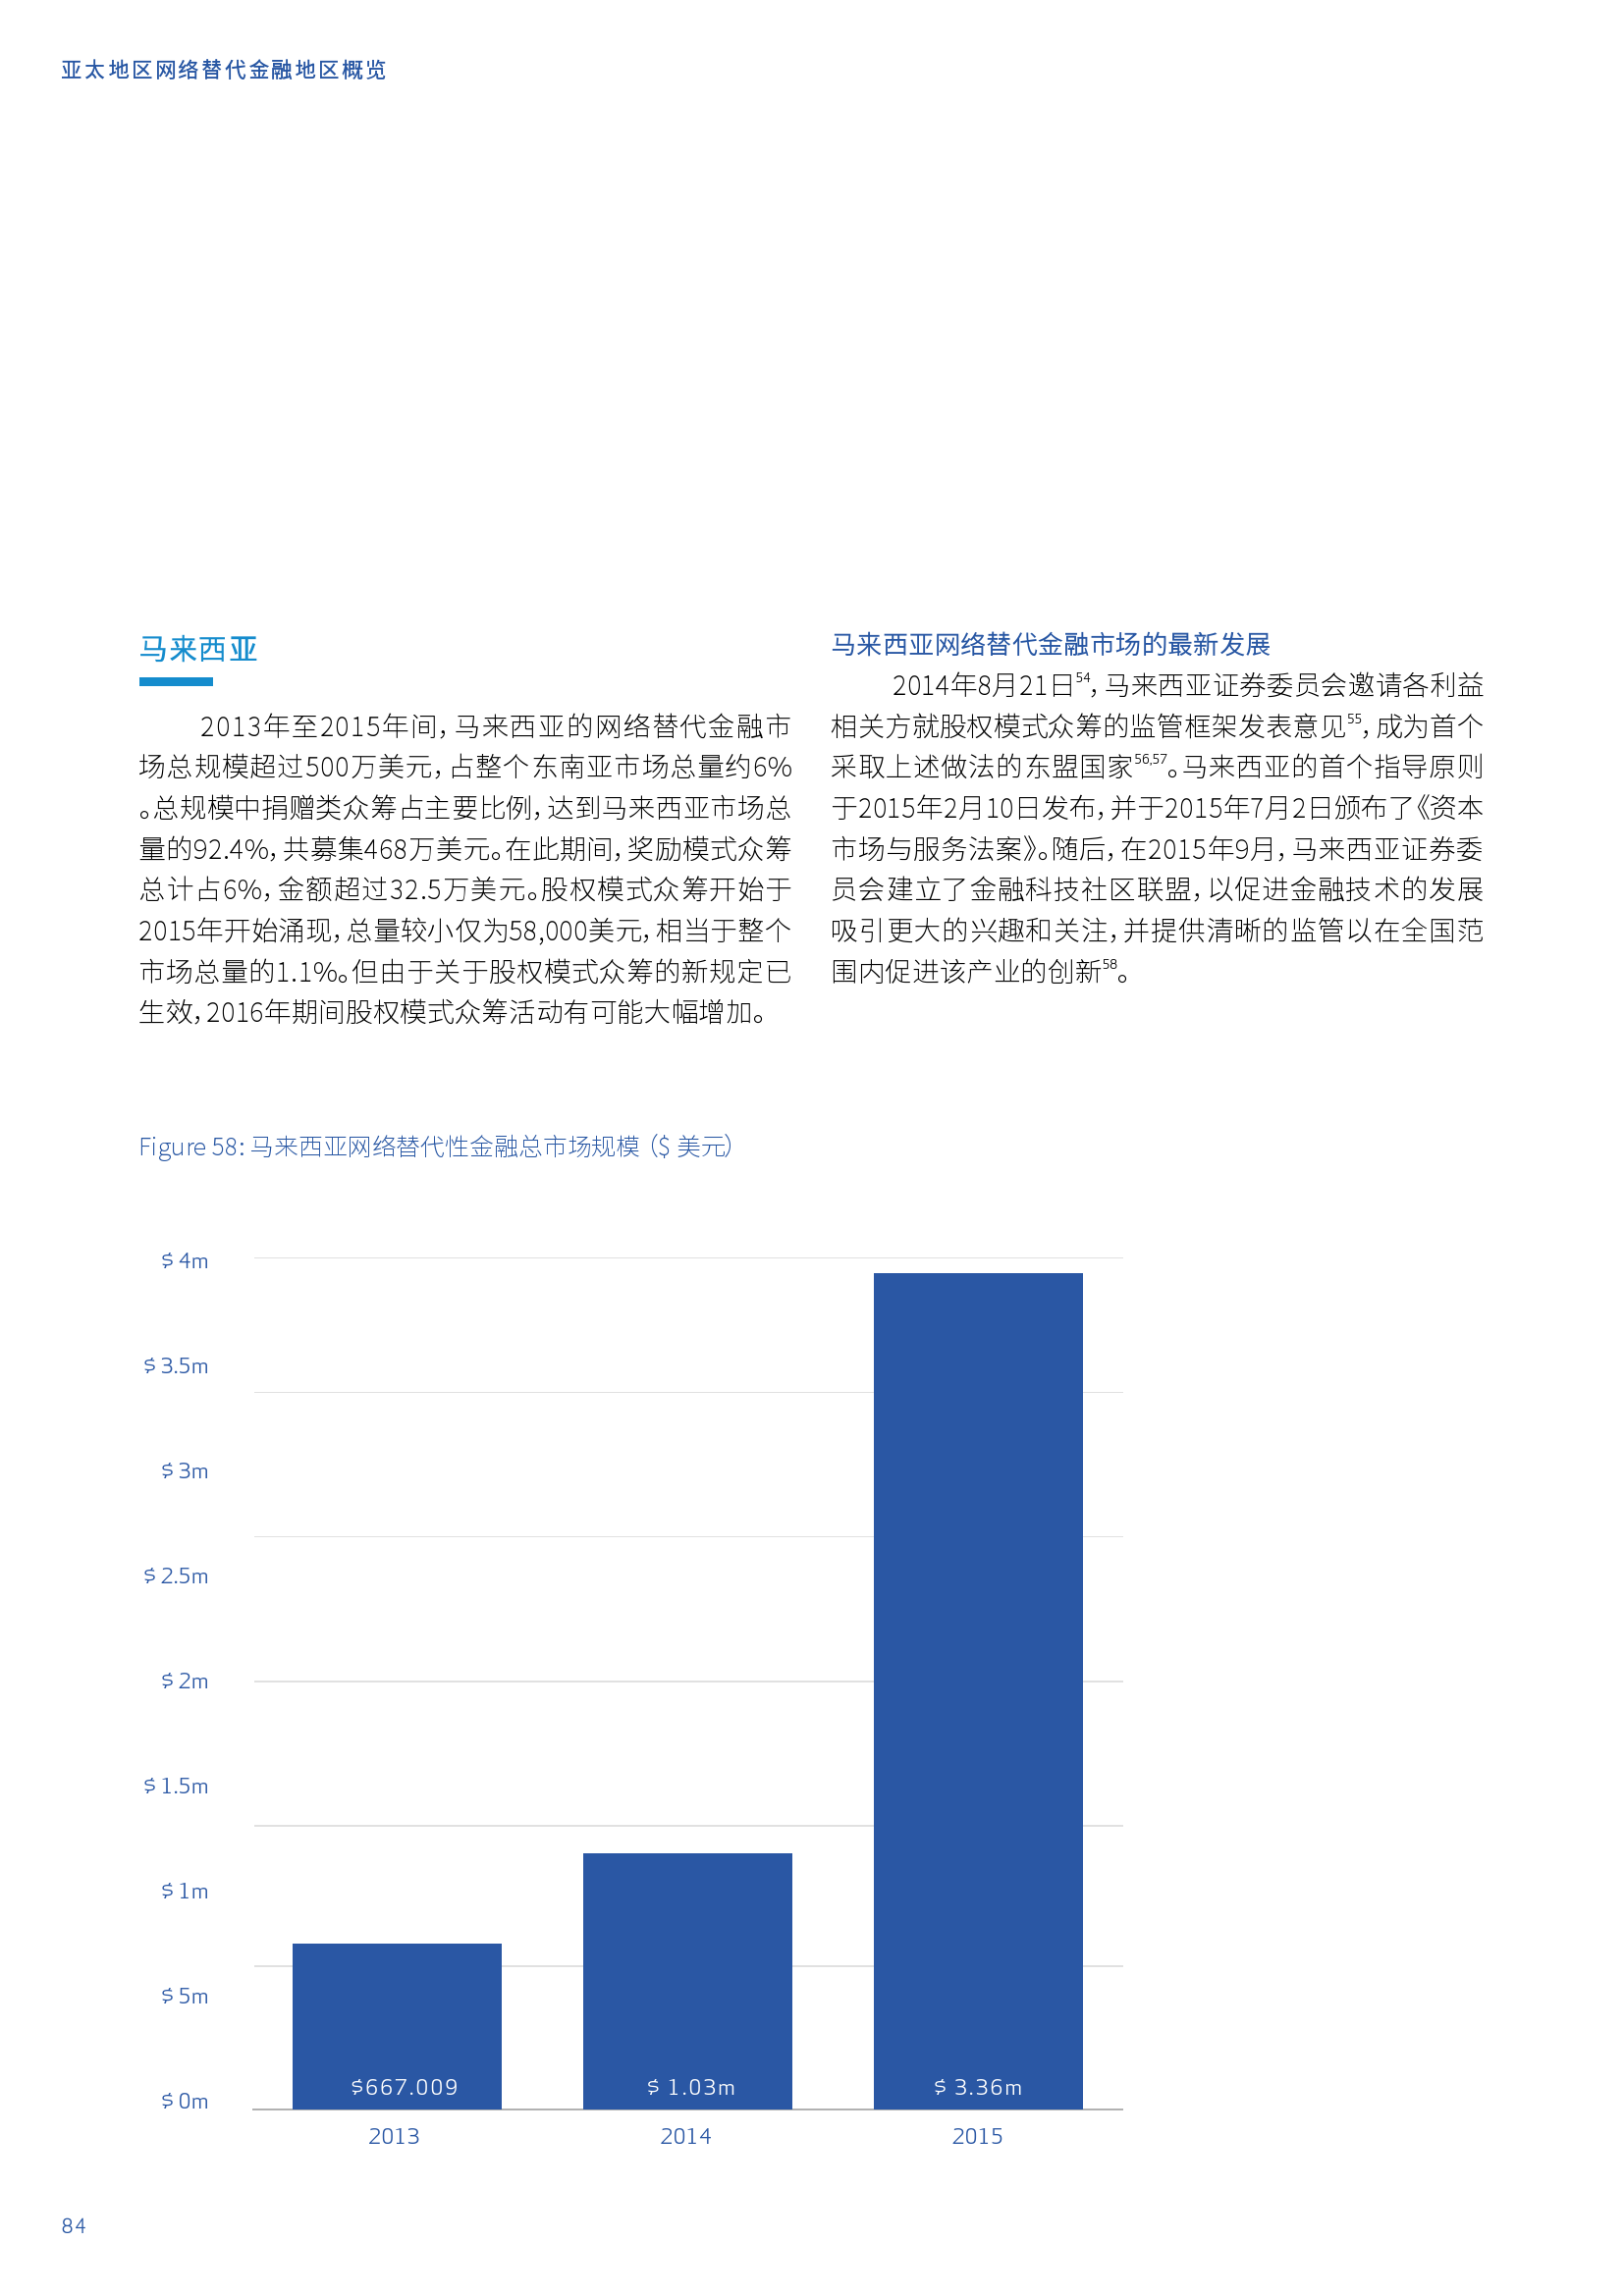 亚太地区网络替代金融基准报告_000084